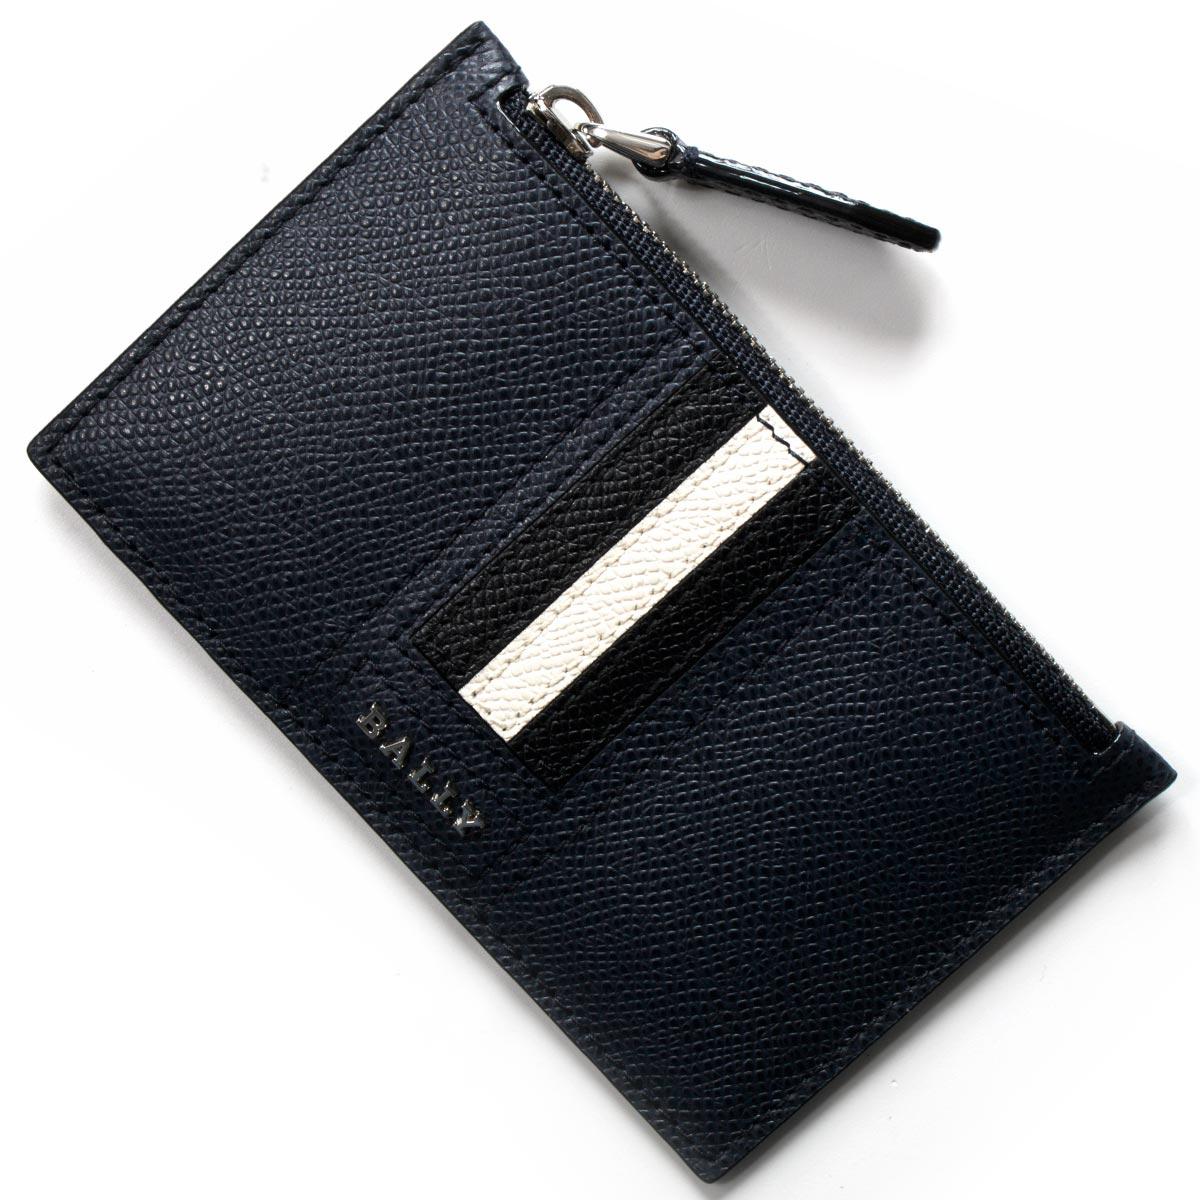 バリー コインケース【小銭入れ】/カードケース 財布 メンズ テンリー TENLEY ニューブルー TENLEYLT 17 6221812 BALLY